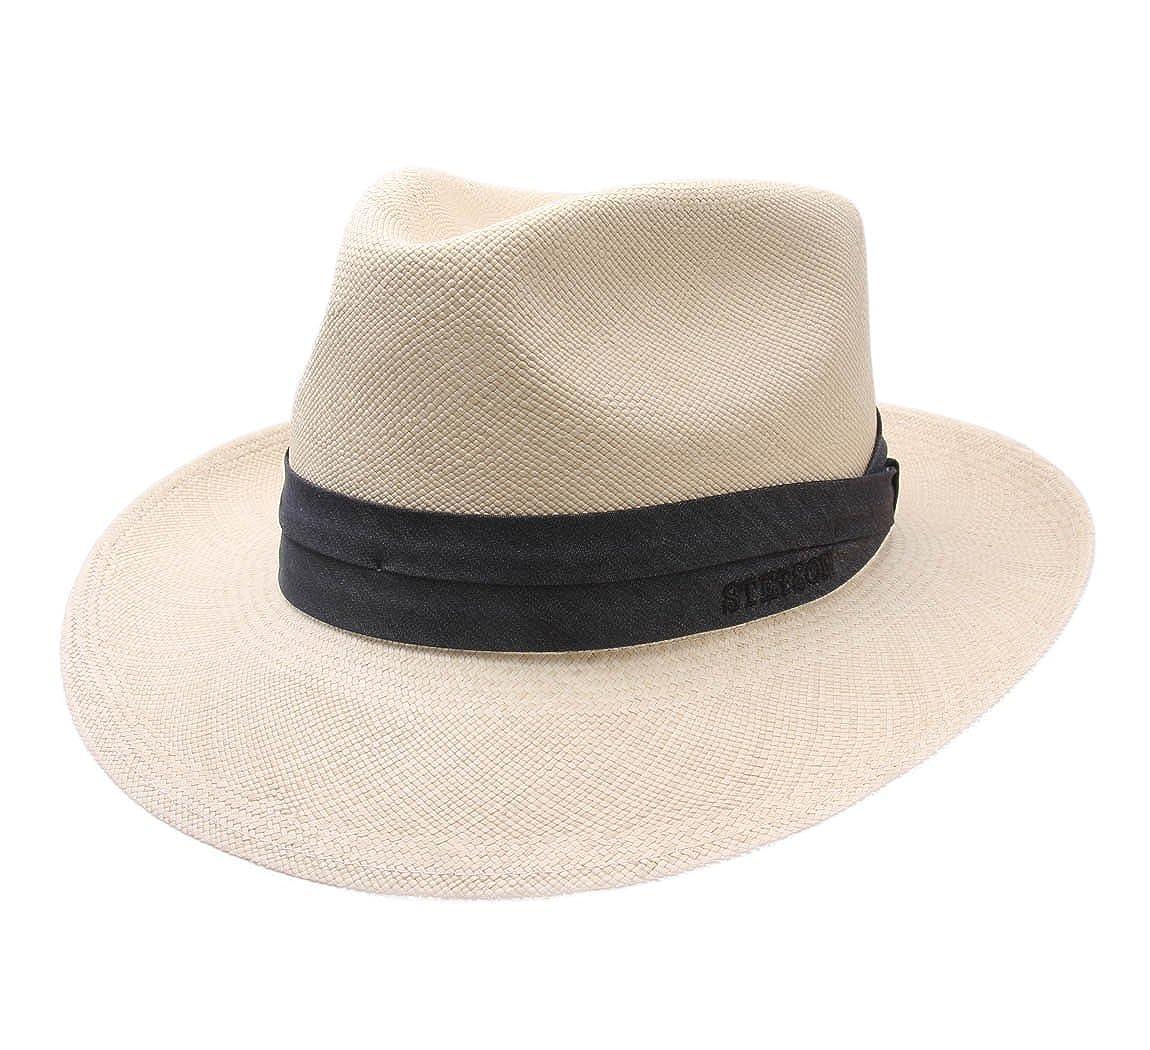 Stetson Fedora Panama 7//8 Fedora Hat